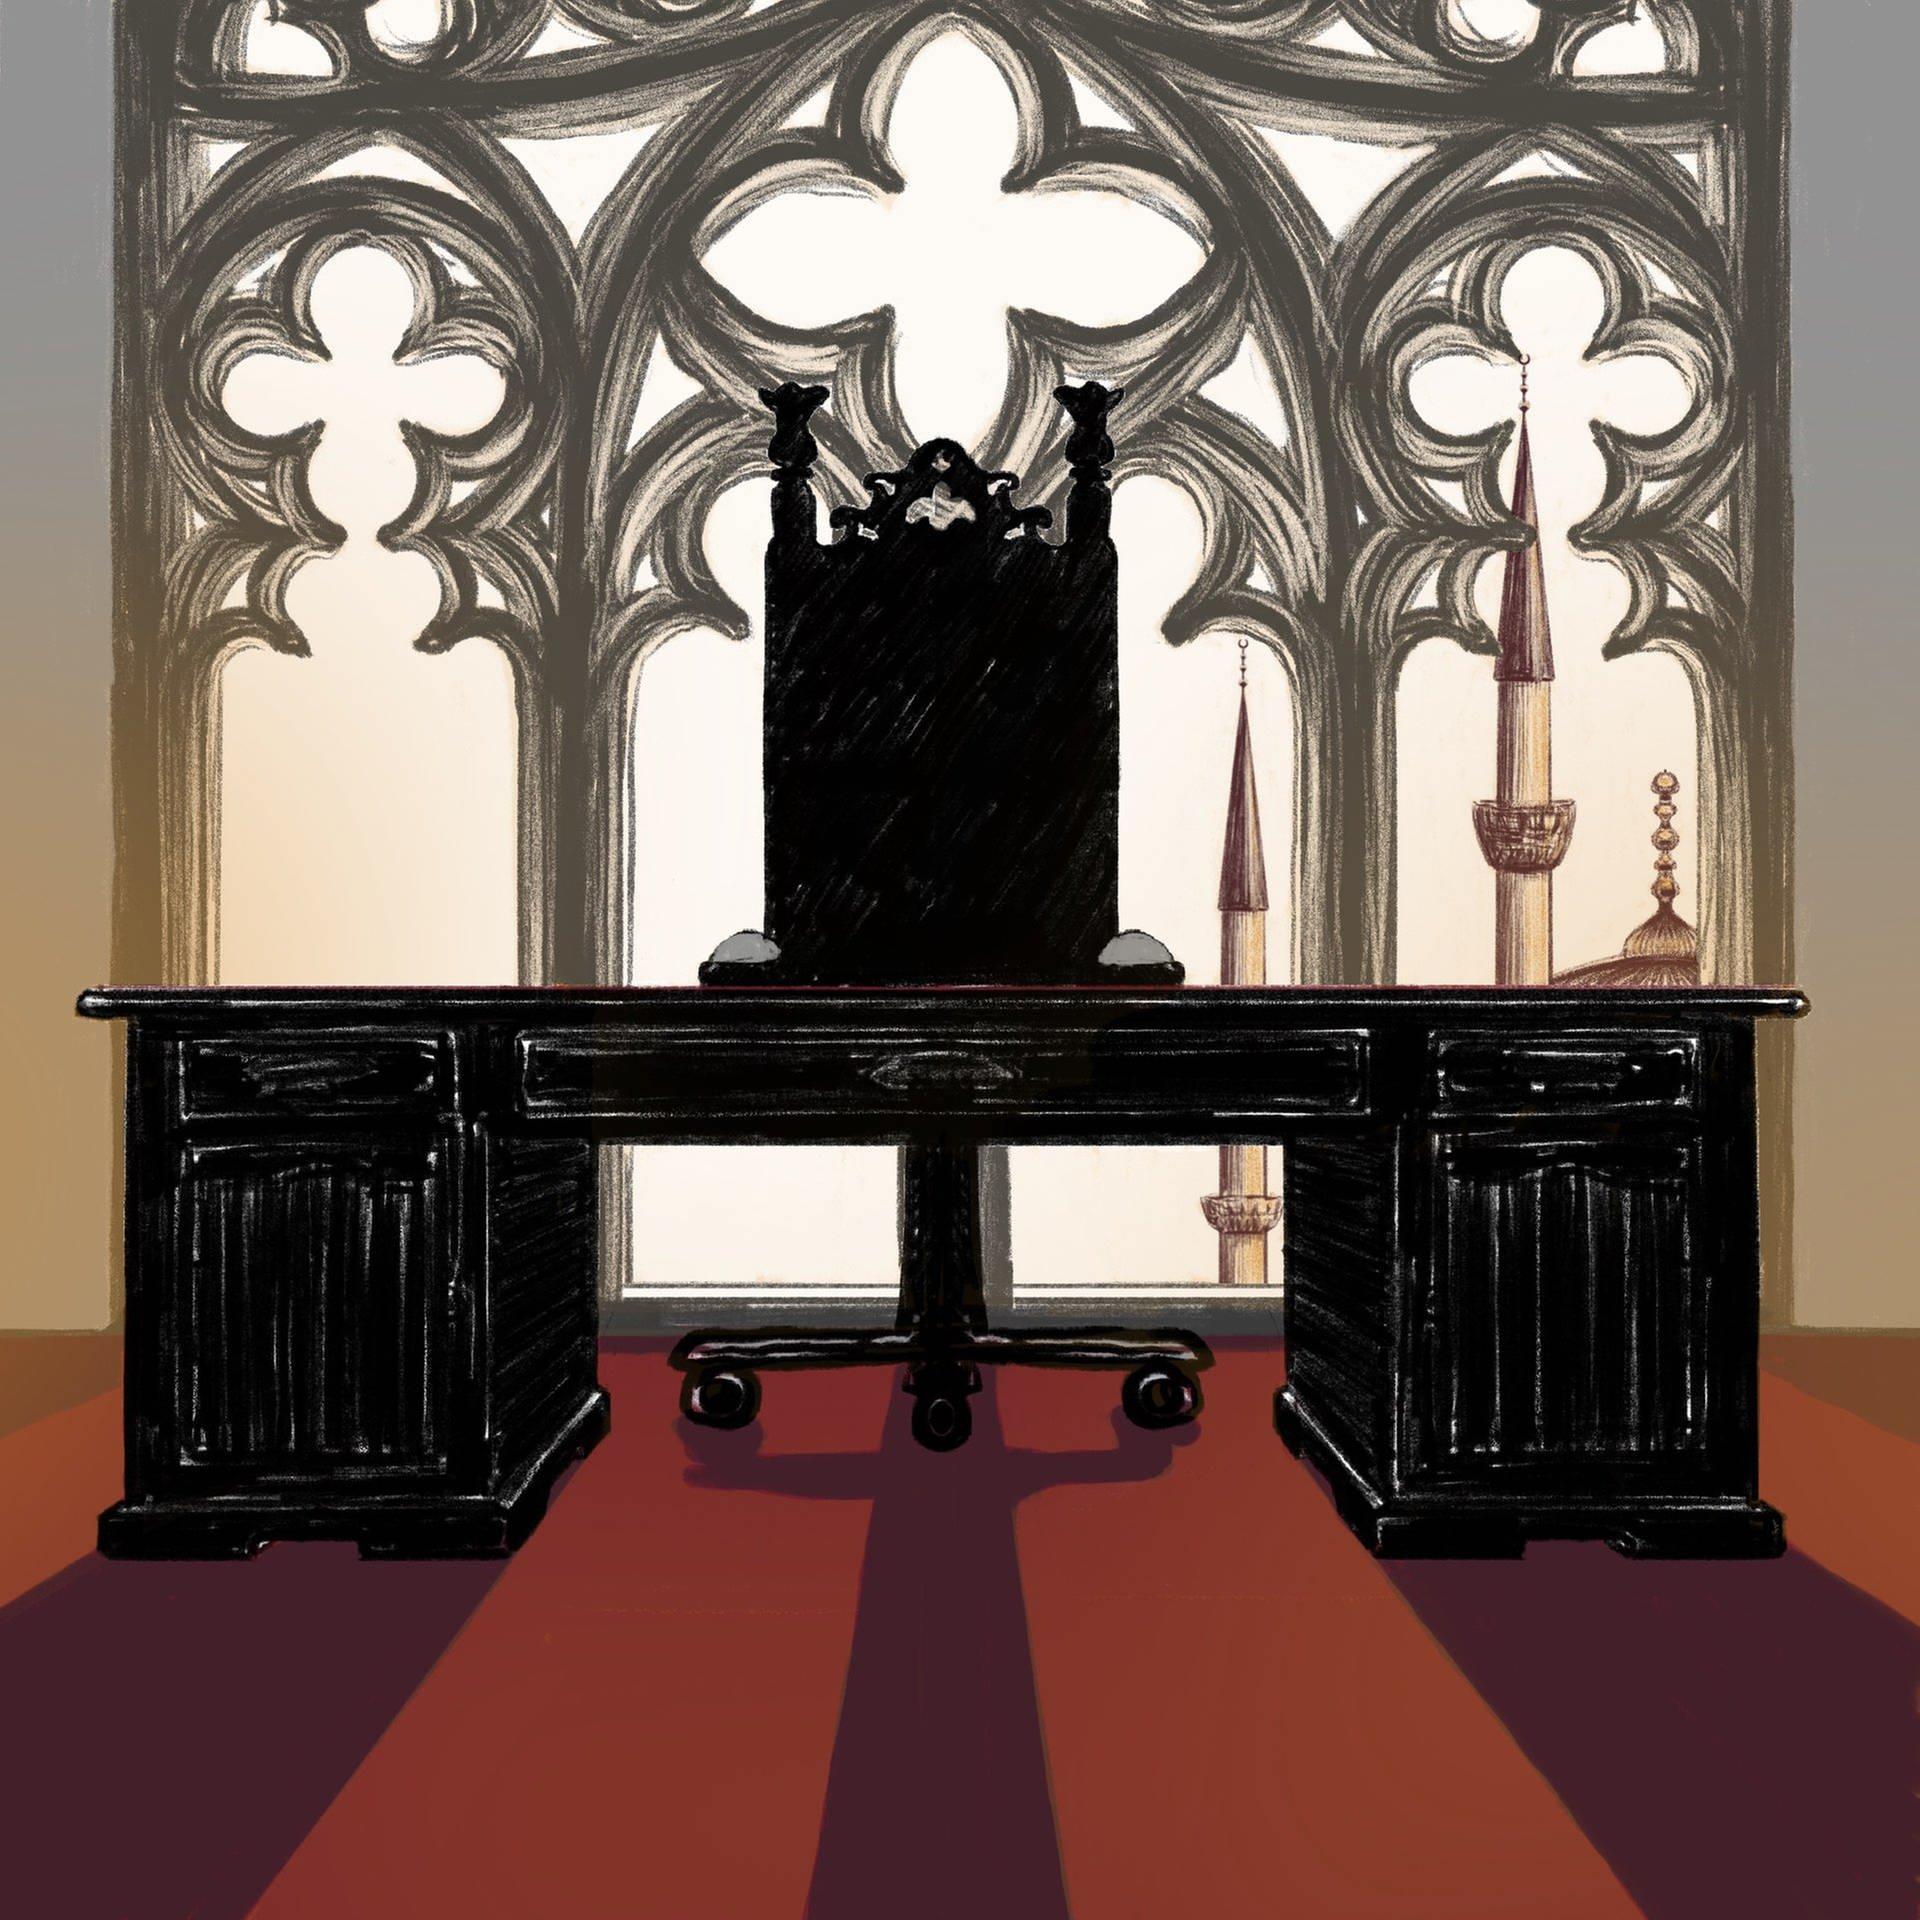 Die Macht der Religion | Die Macht ... (9/10)